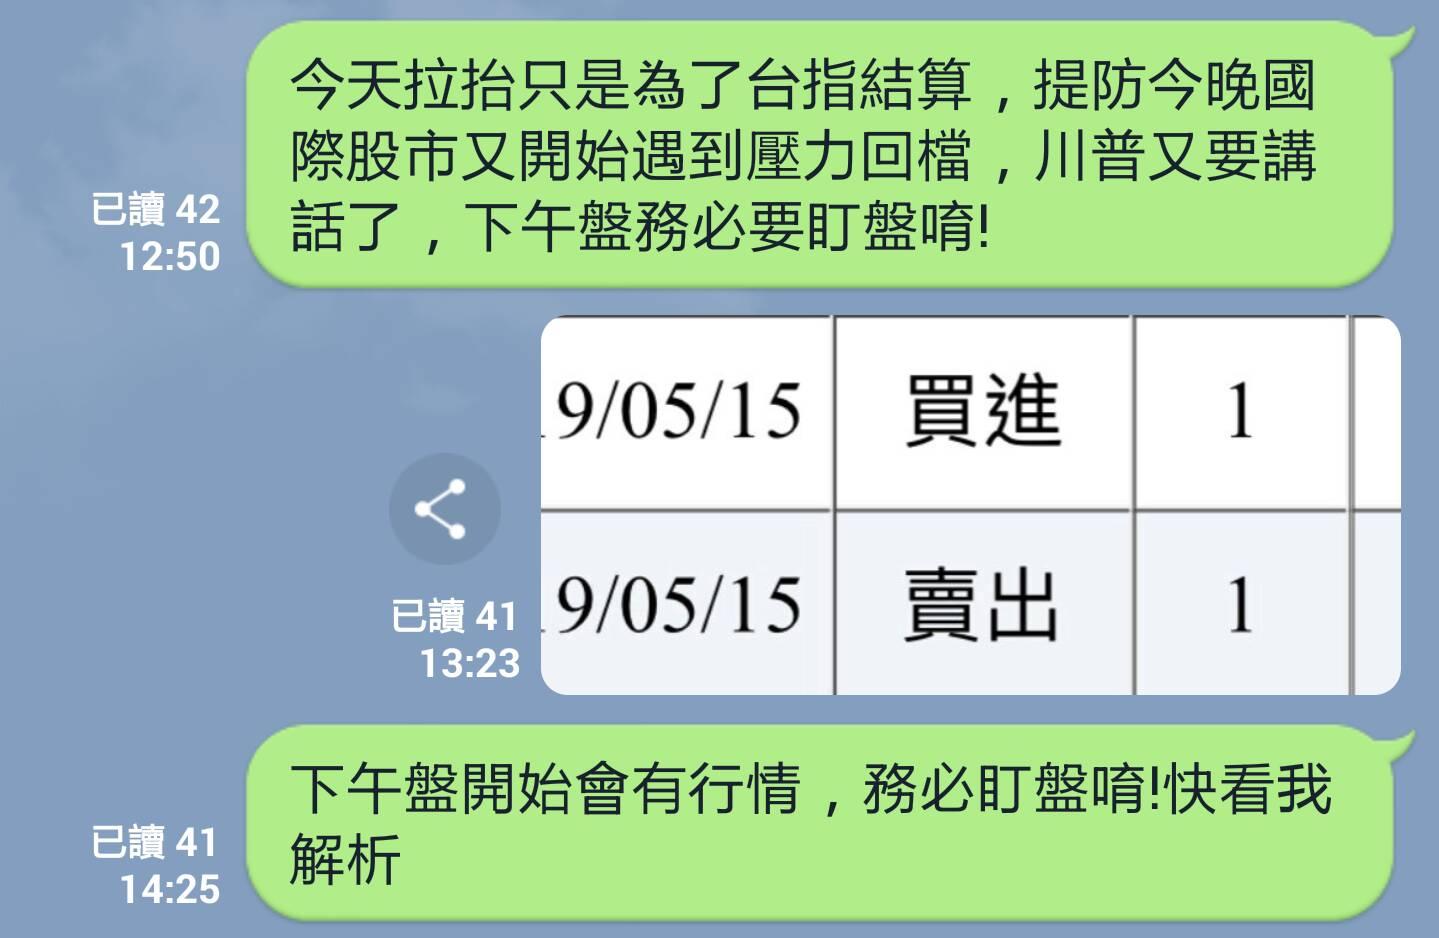 用箱波均生死簿判6月大行情_10